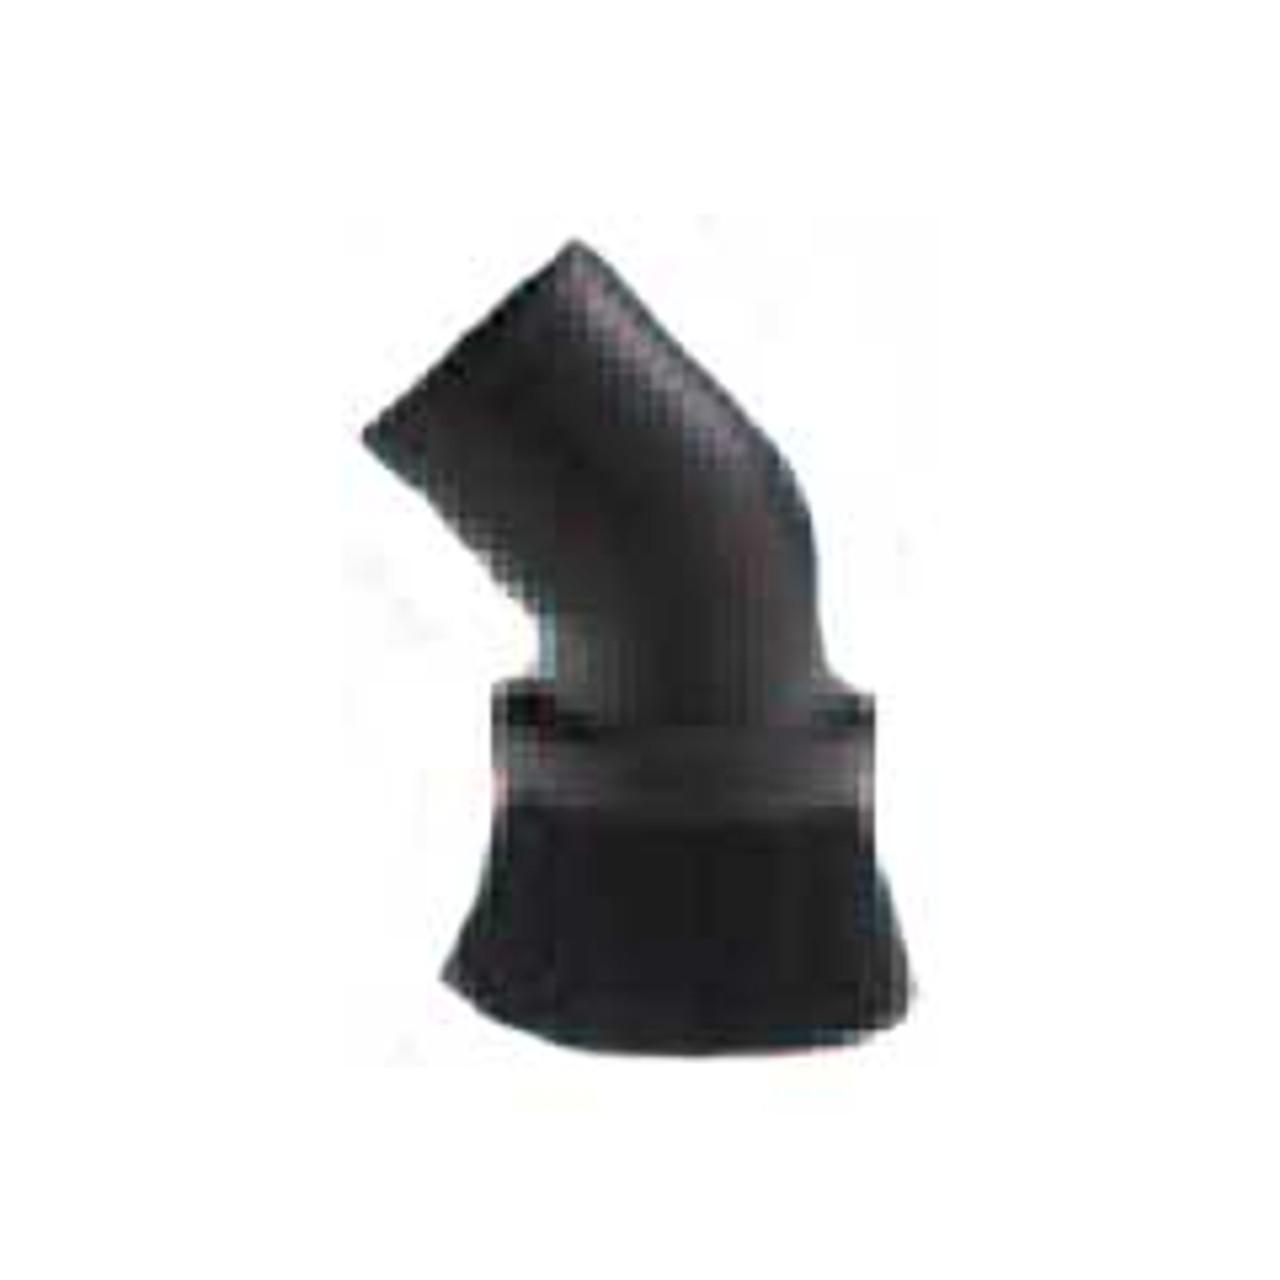 ProTeam 107195 Dust Brush ProGuard 4 Fits ProGuard LI 3